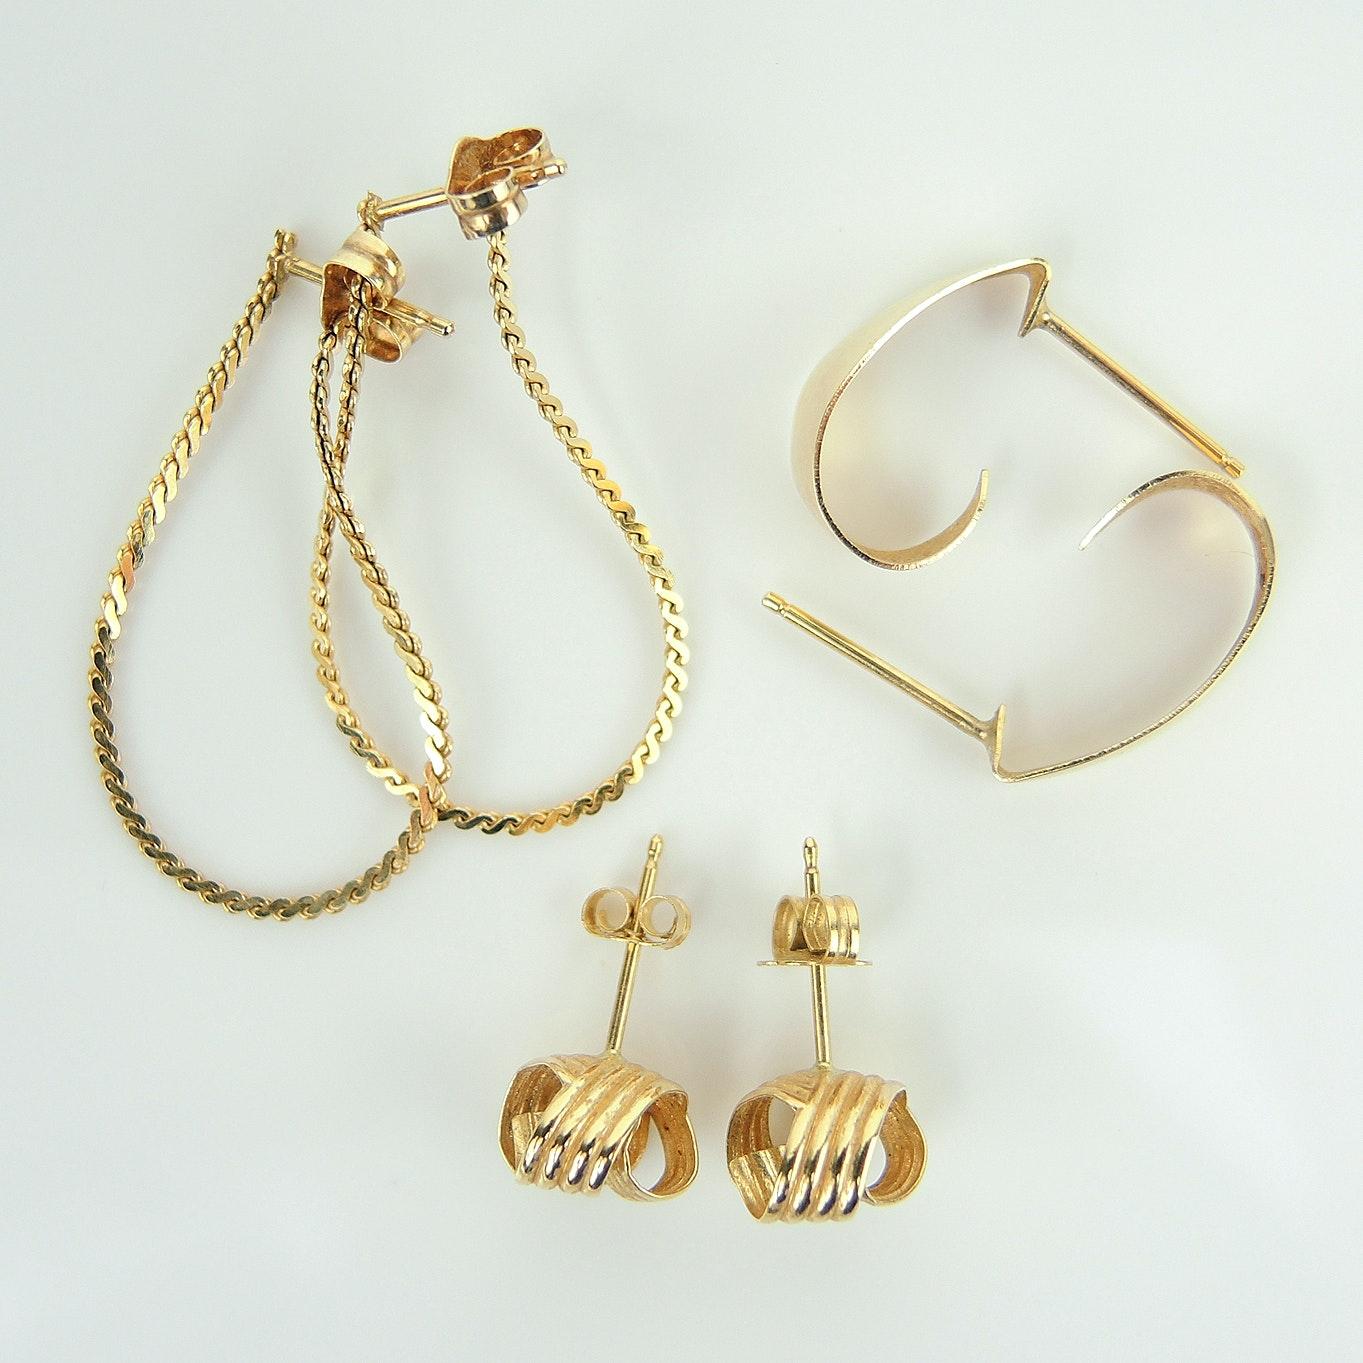 14K Yellow Gold Earring Assortment